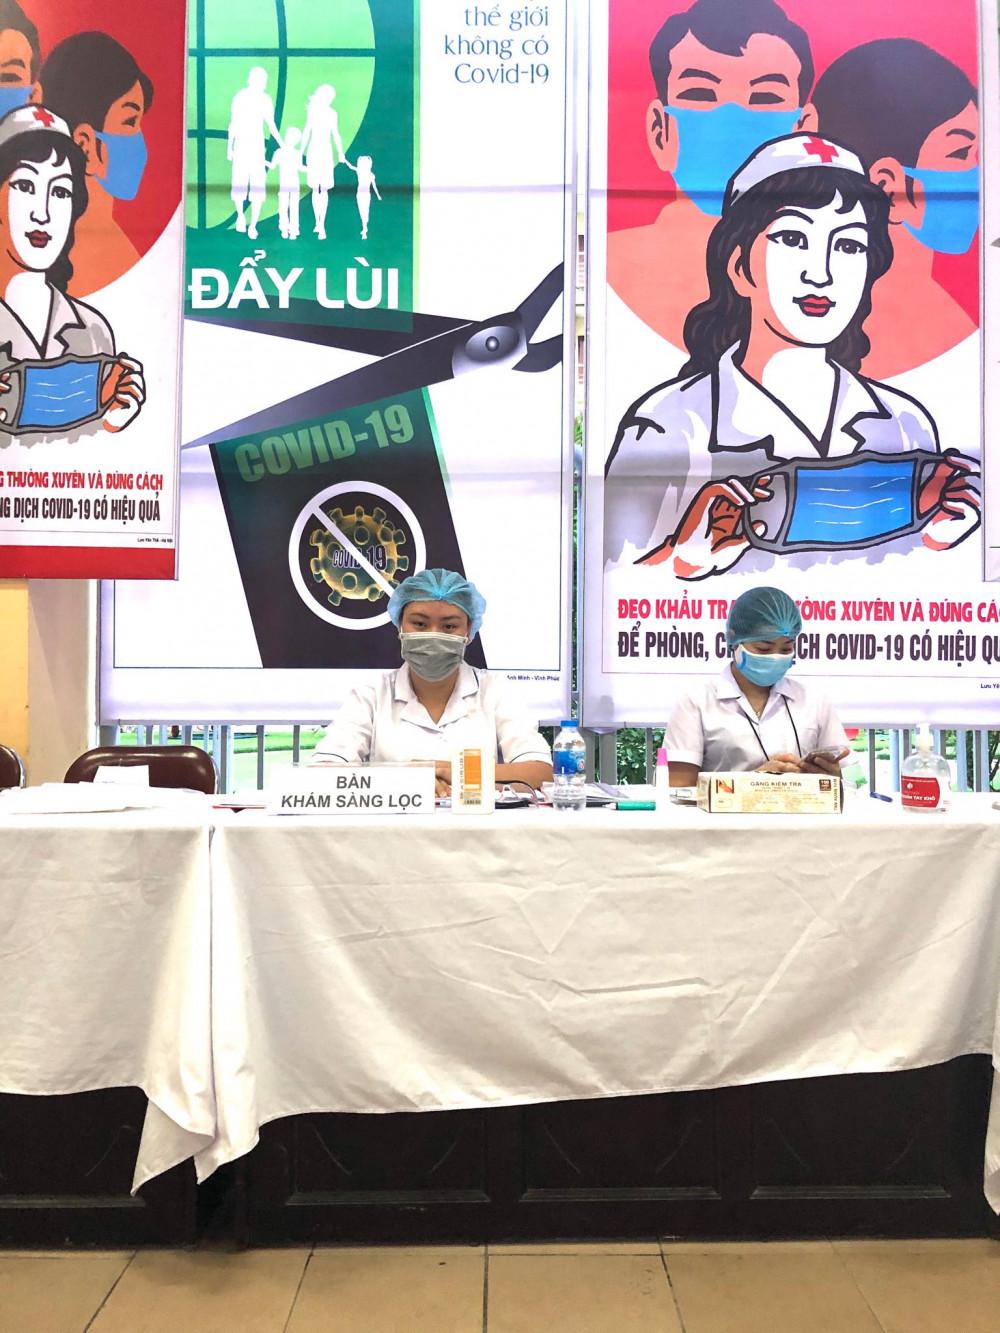 Chị Hương cùng đồng nghiệp căng mình tầm soát dịch bệnh (Ảnh nhân vật cung cấp)